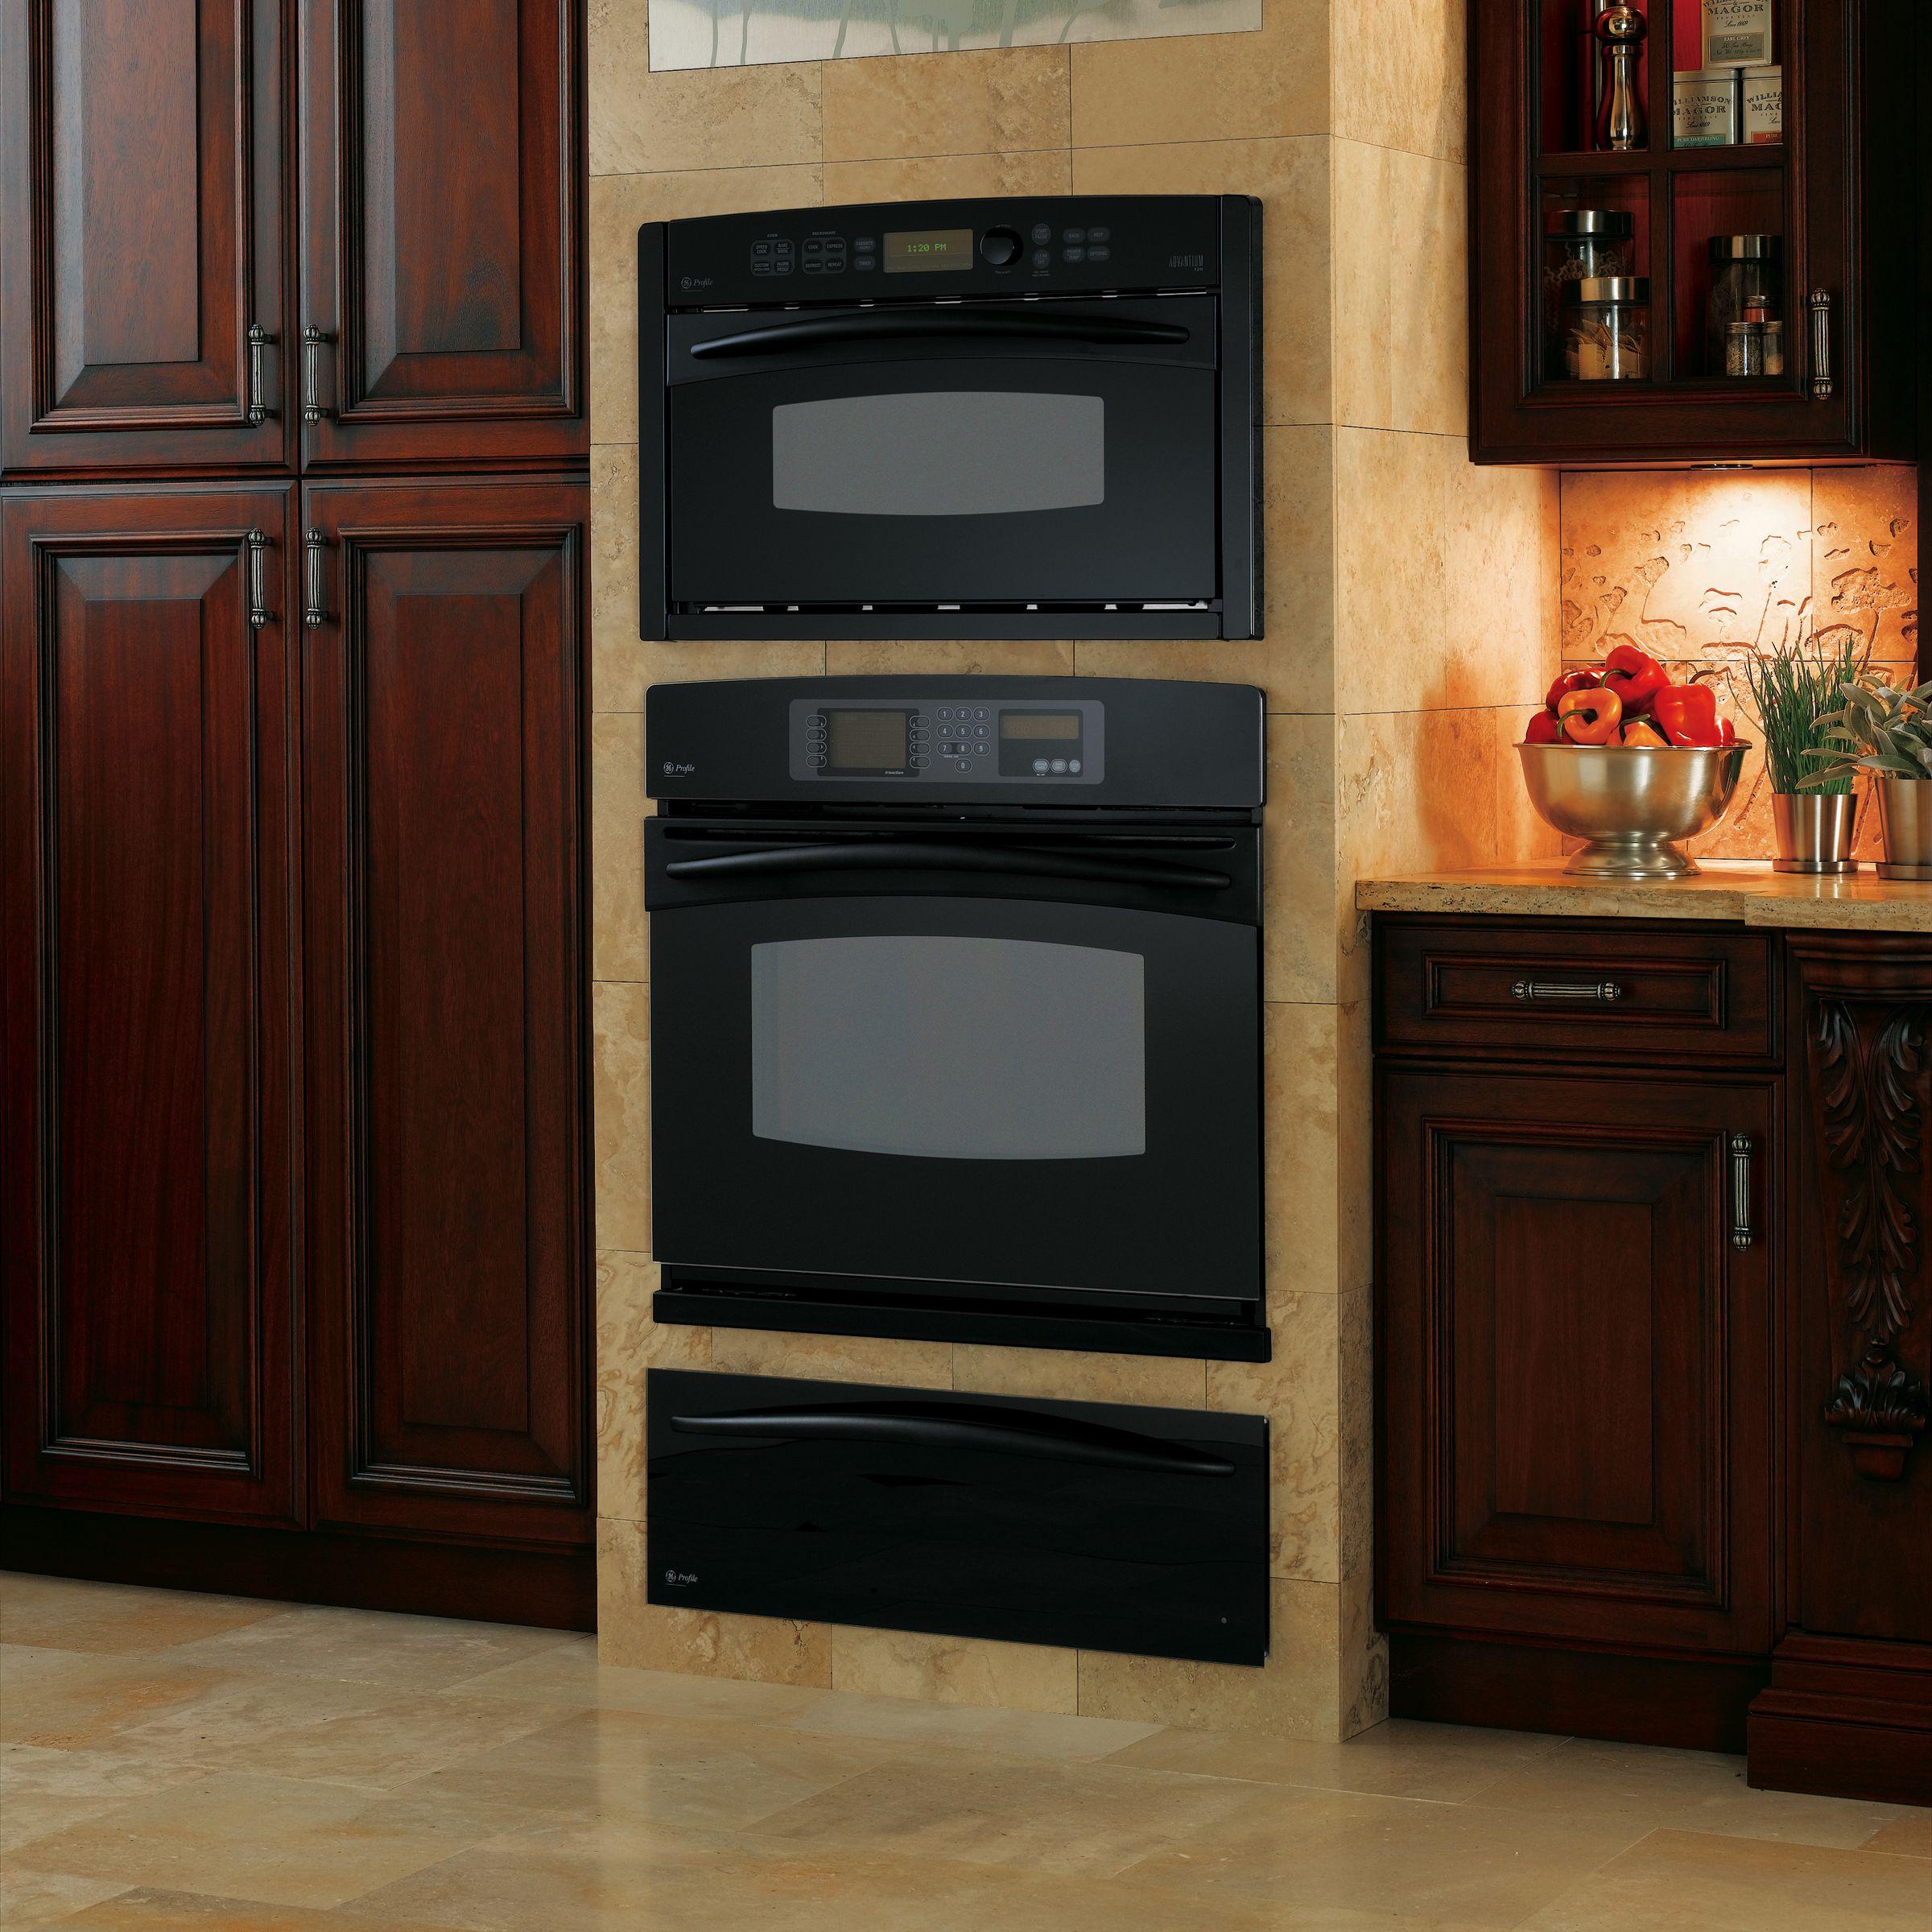 GE Profile Advantium® 120 Wall Oven